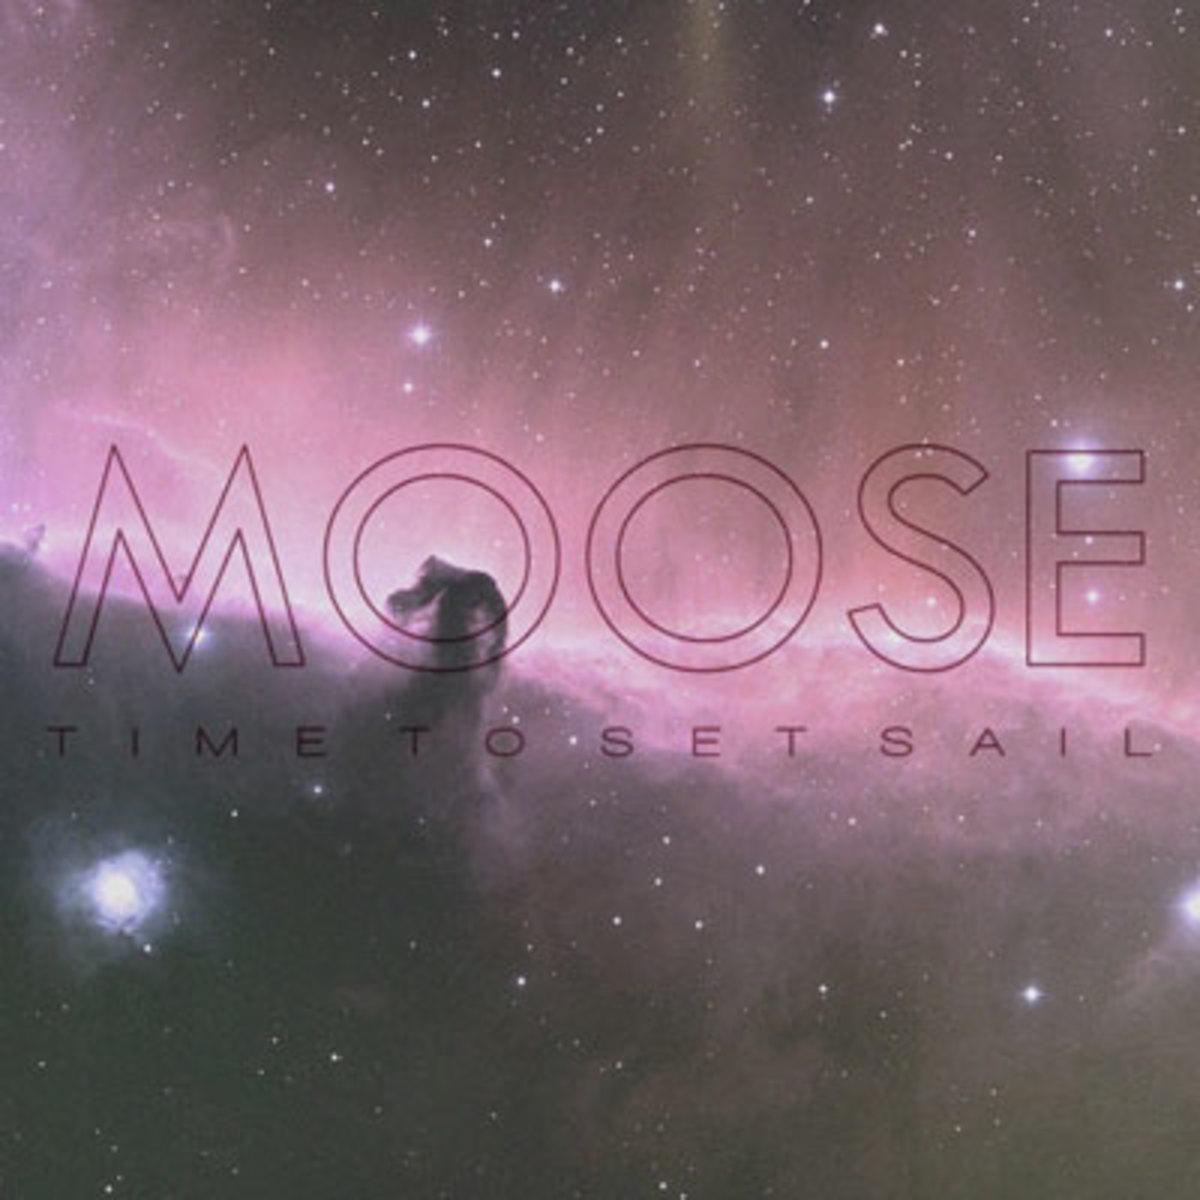 moose-timetoset.jpg